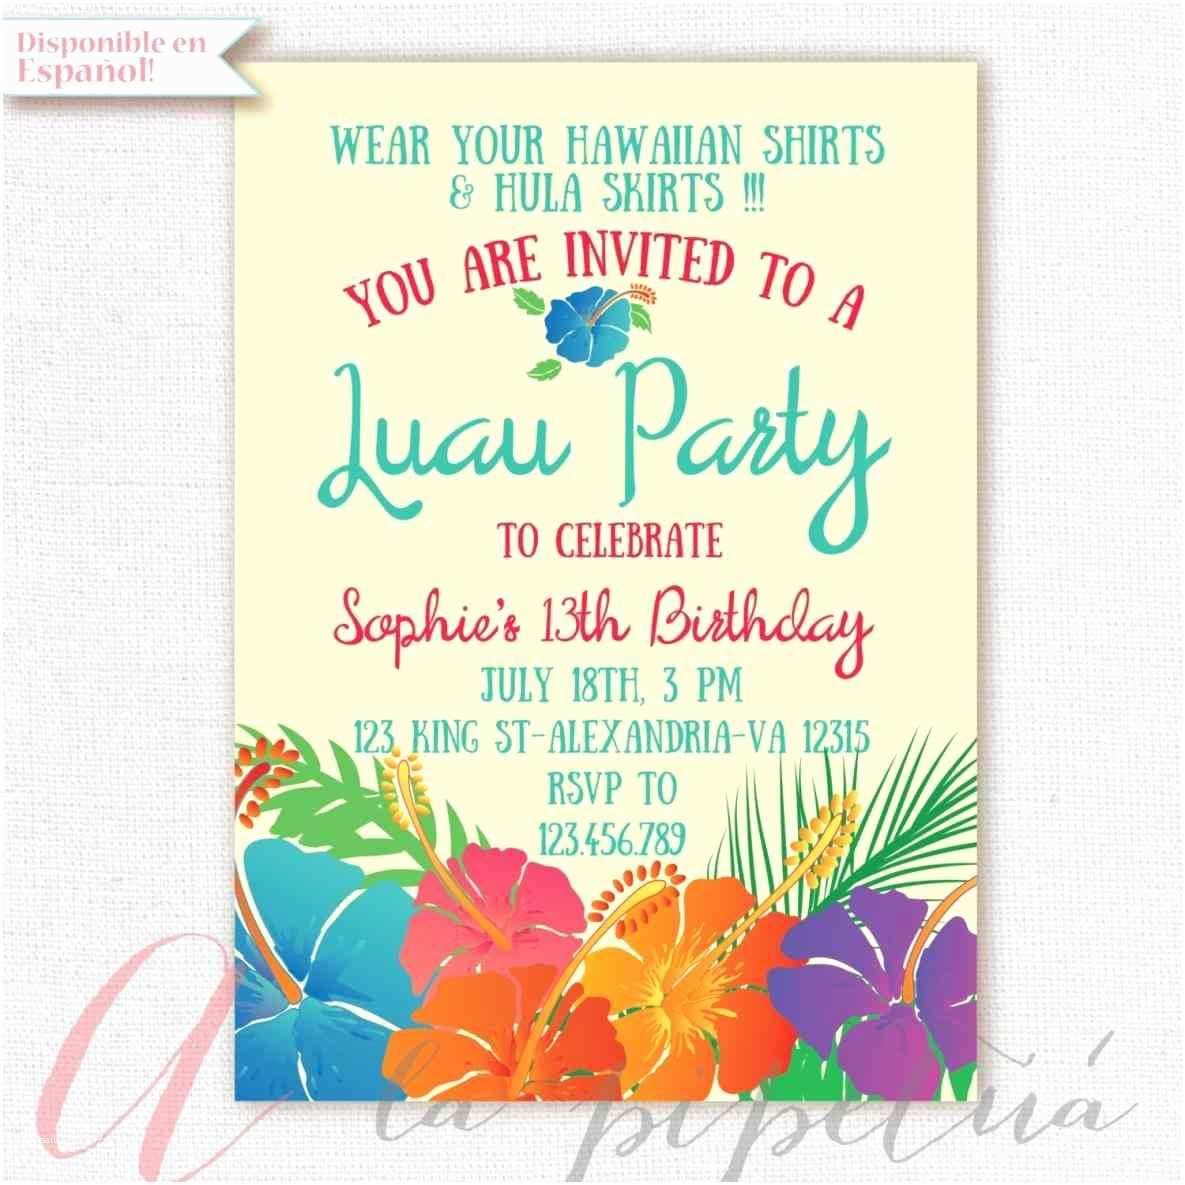 Hawaiian Party Invitations Invitations Templates Birthday Businnes Card Invitation